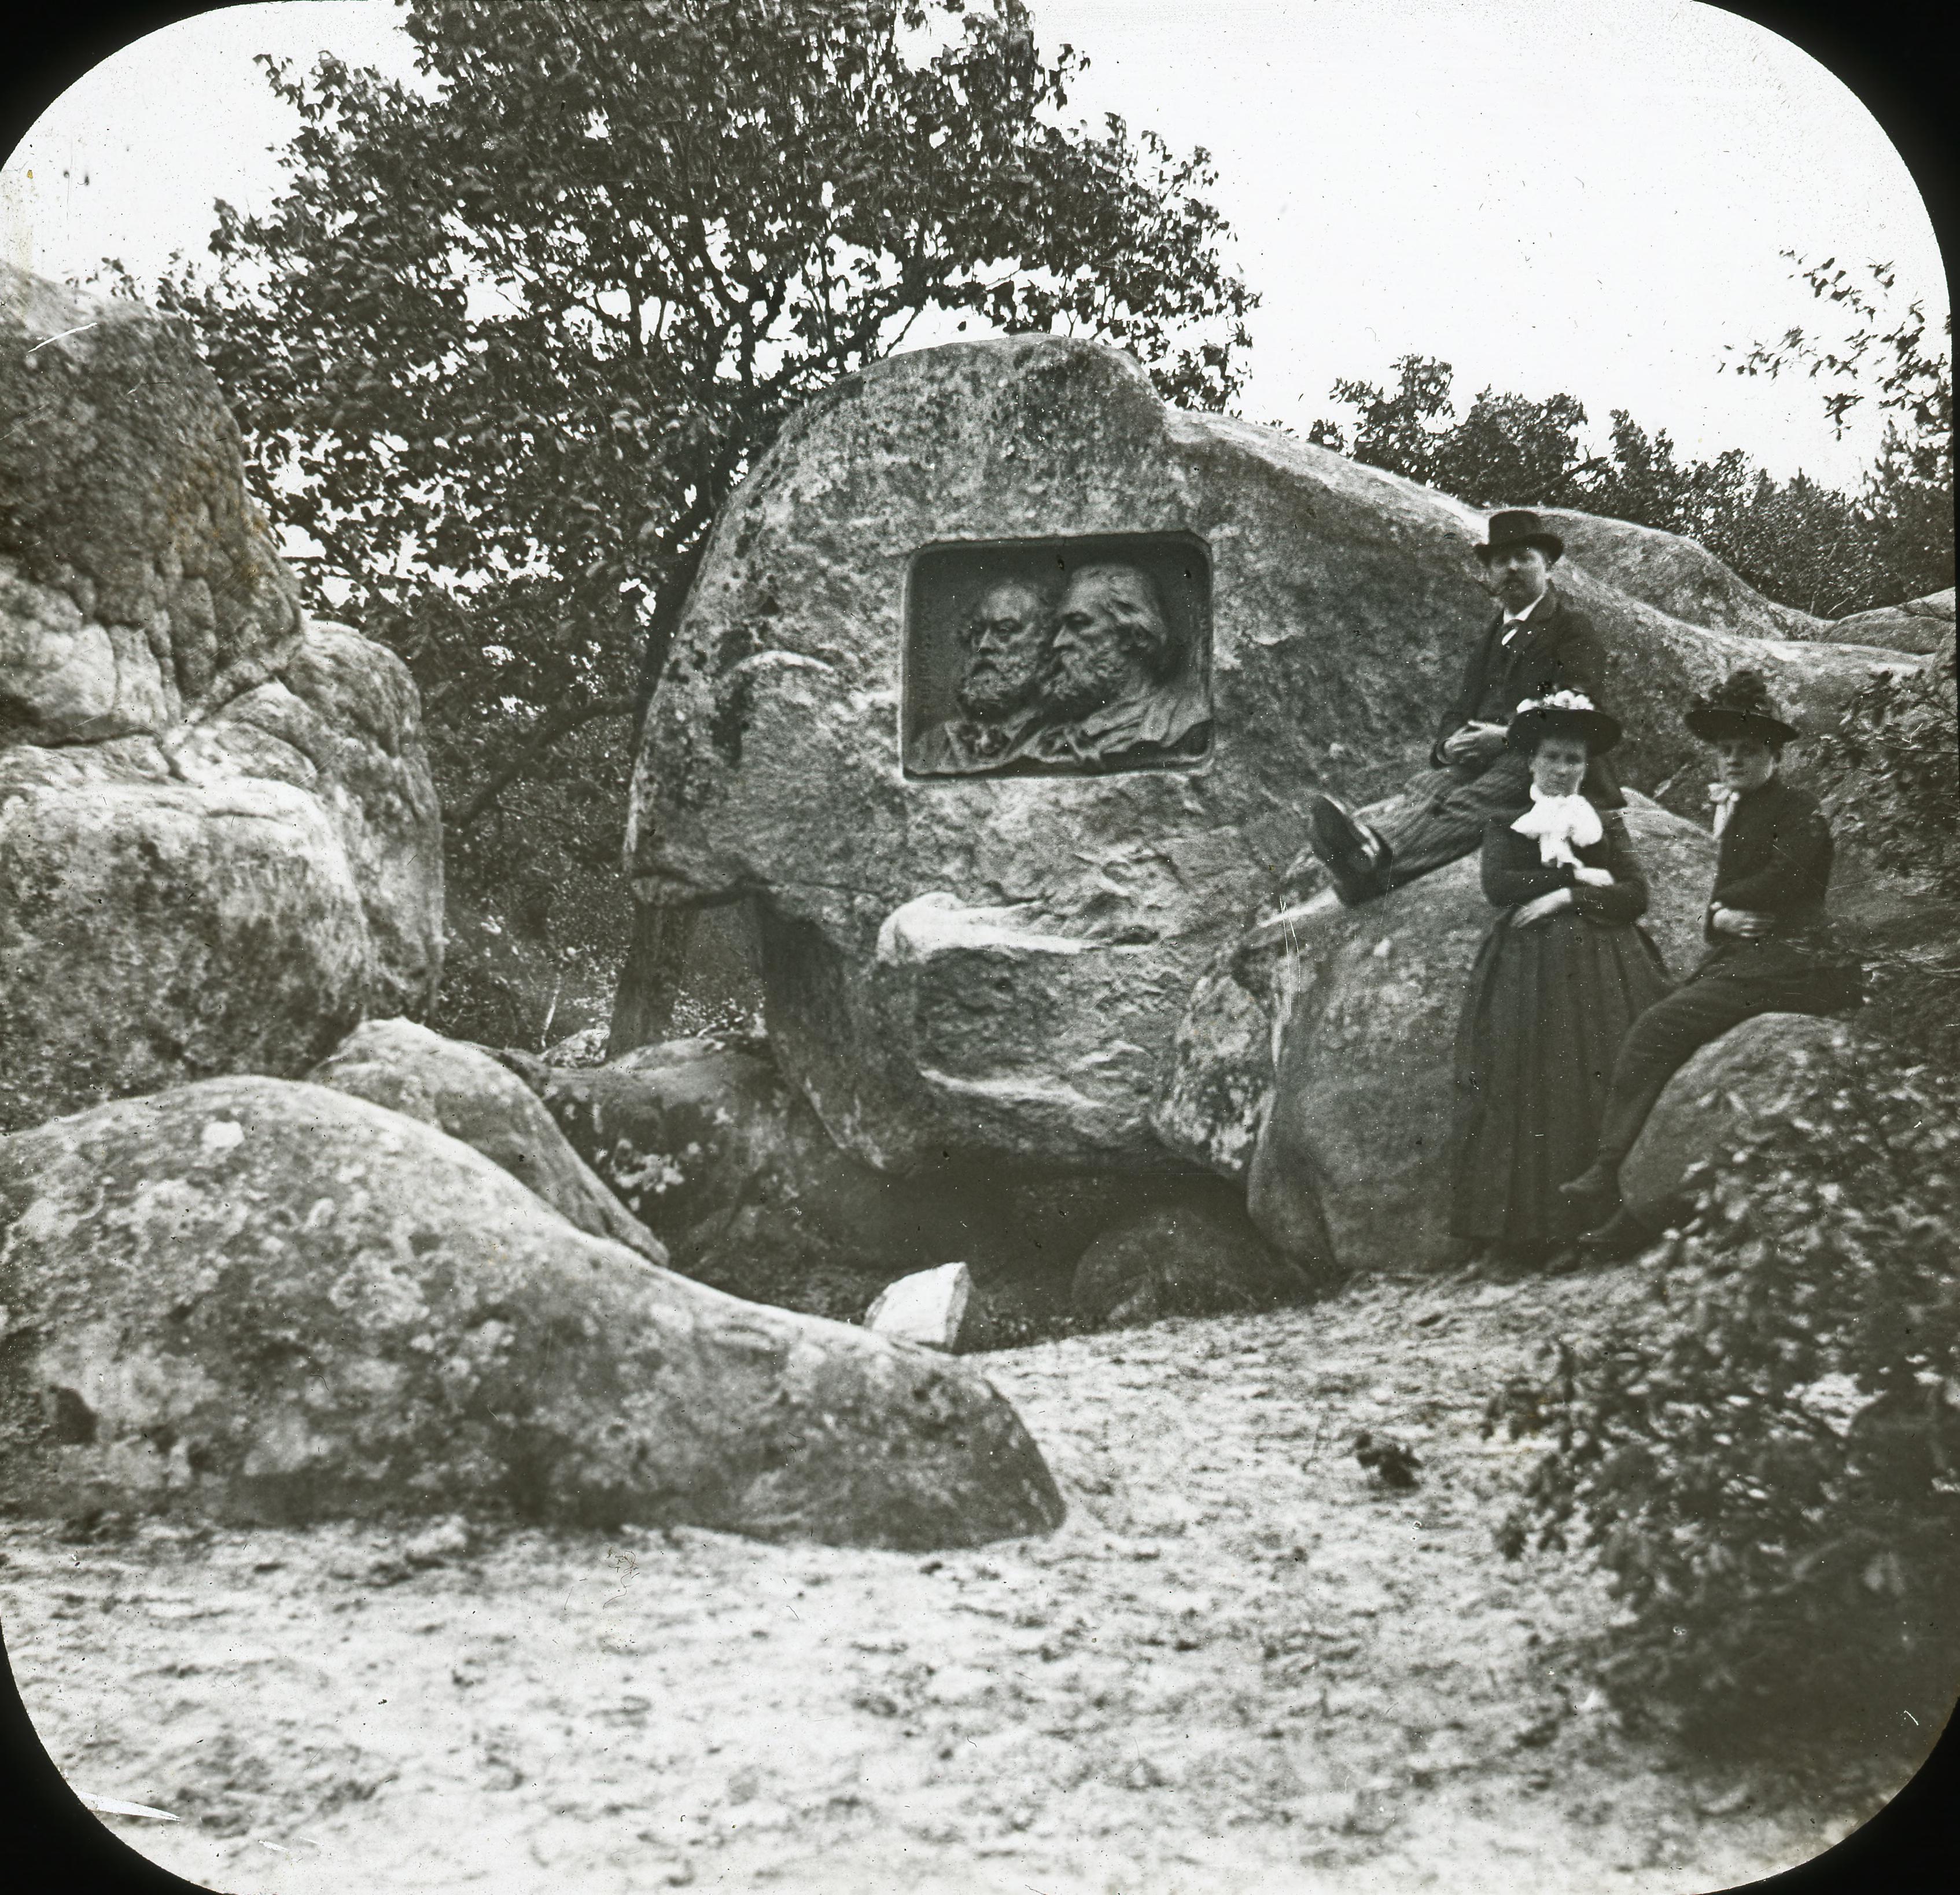 Женщины и мужчина позируют у портрета Милле и Руссо, вырезанного в камне. Лес Фонтенбло